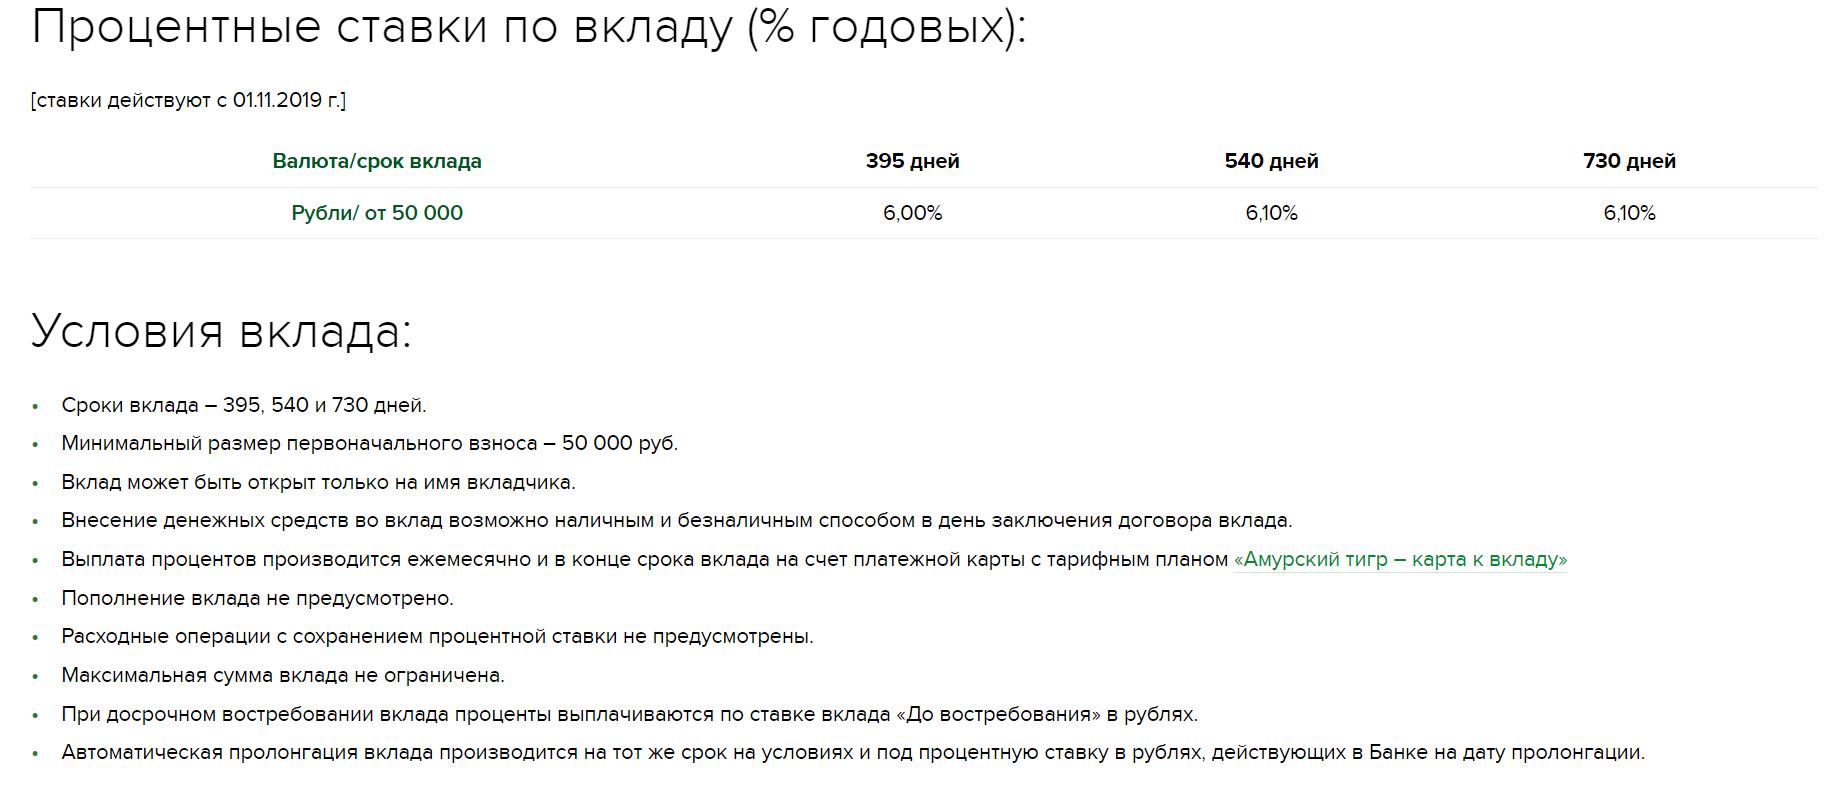 взять кредит в сбербанке в 2020 году рассчитать калькулятор 50000 рублей